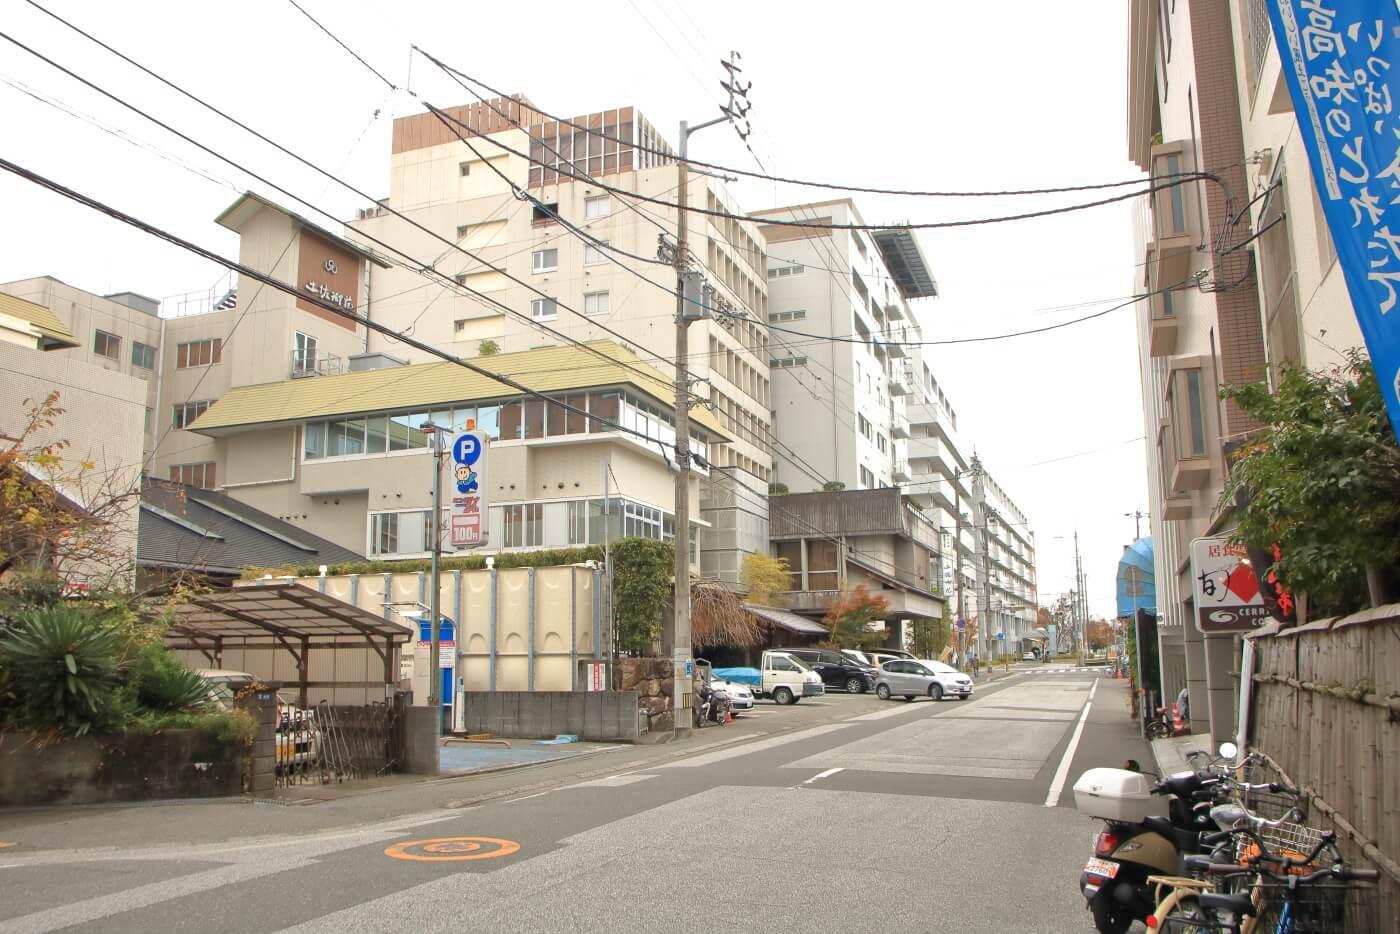 居食倶楽部 旬家(じゅんや) 店先より東方の風景